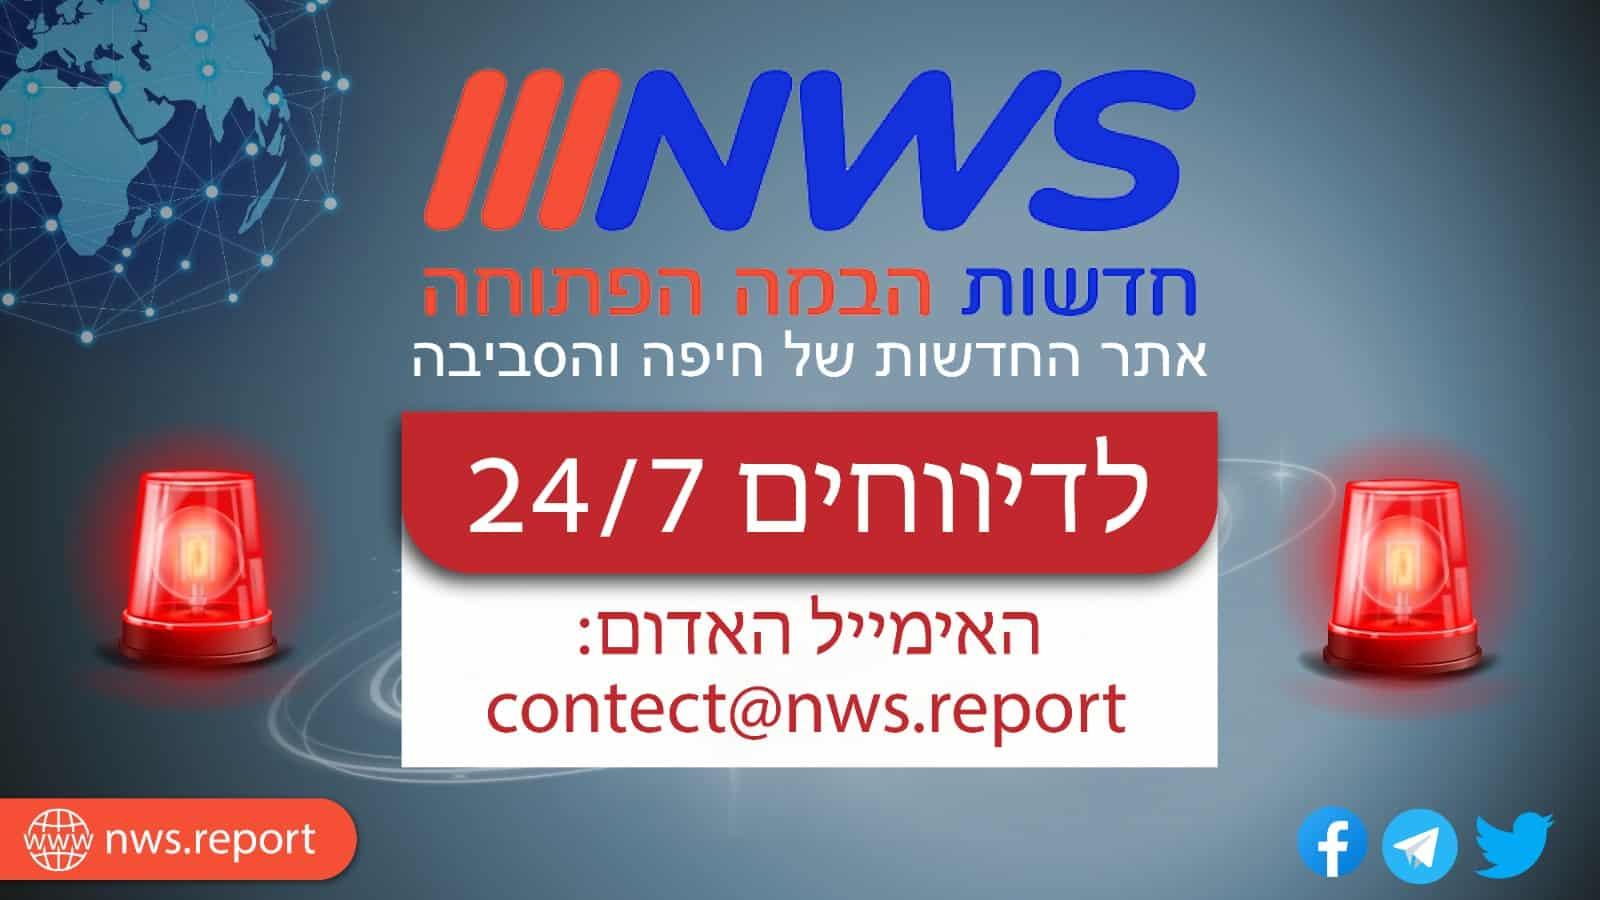 חדשות NWS דיווחים 24/7